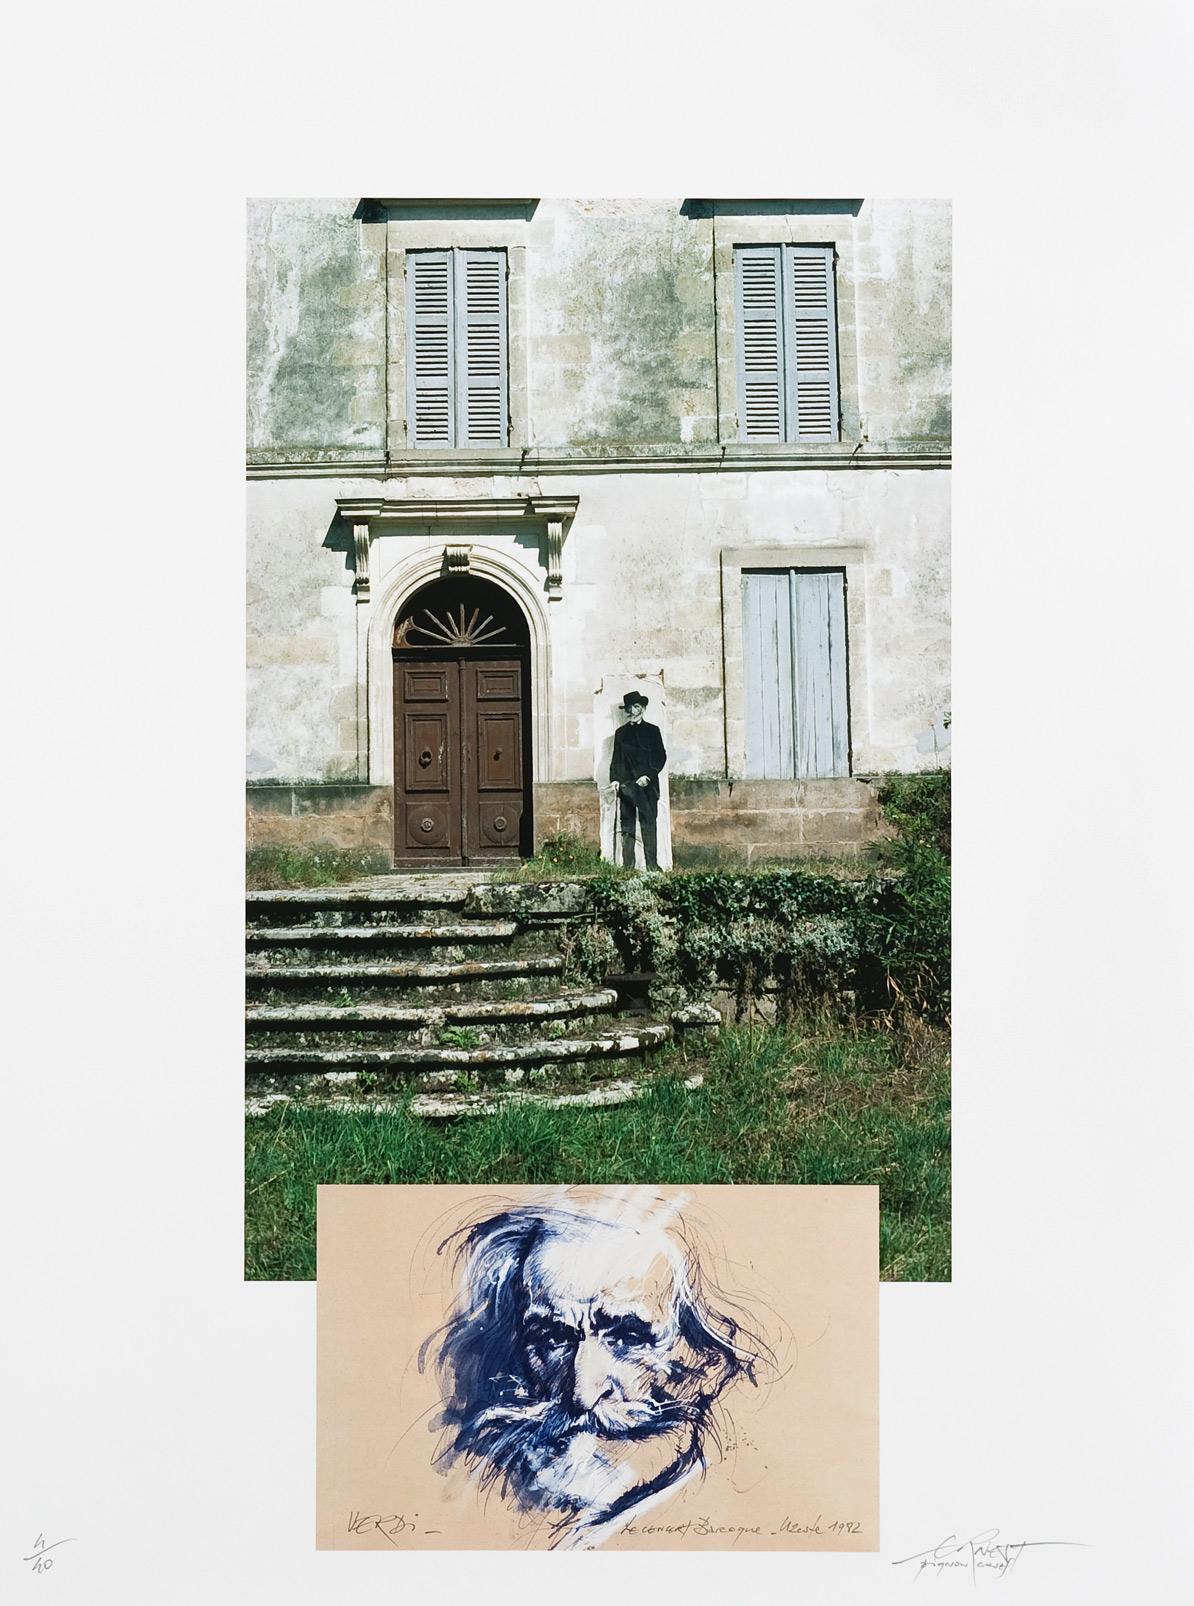 Verdi, Concert baroque (1982), estampe numérique pigmentaire, tirage 40 exemplaires (80 x 60 cm)